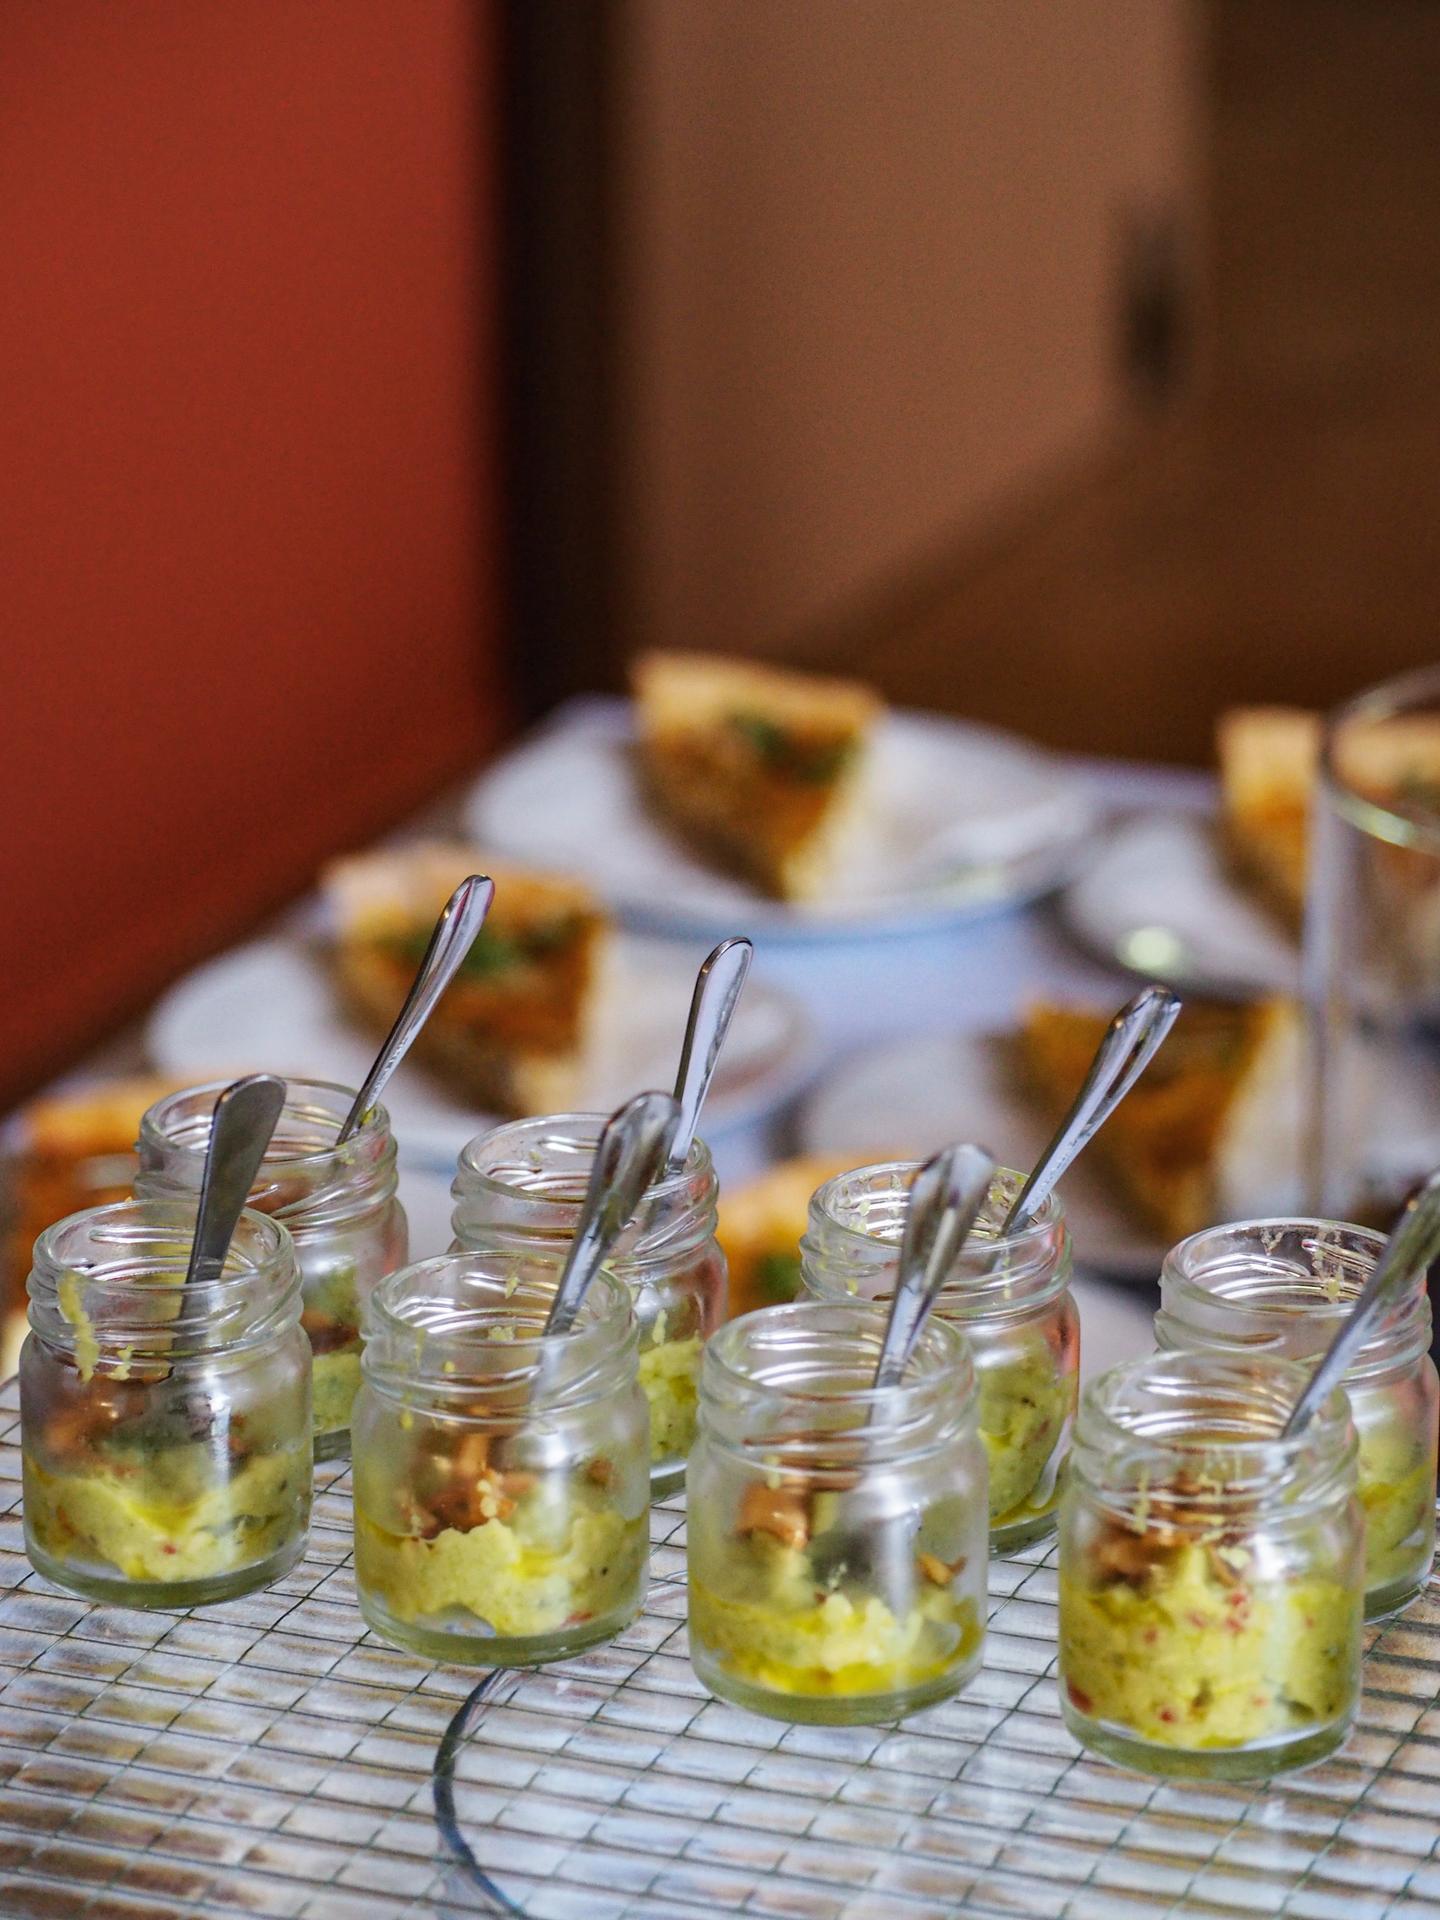 Finger foods, nedílná součást svatební tabule, nebo jen jako lehké občerstvení před obřadem? - Obrázek č. 3